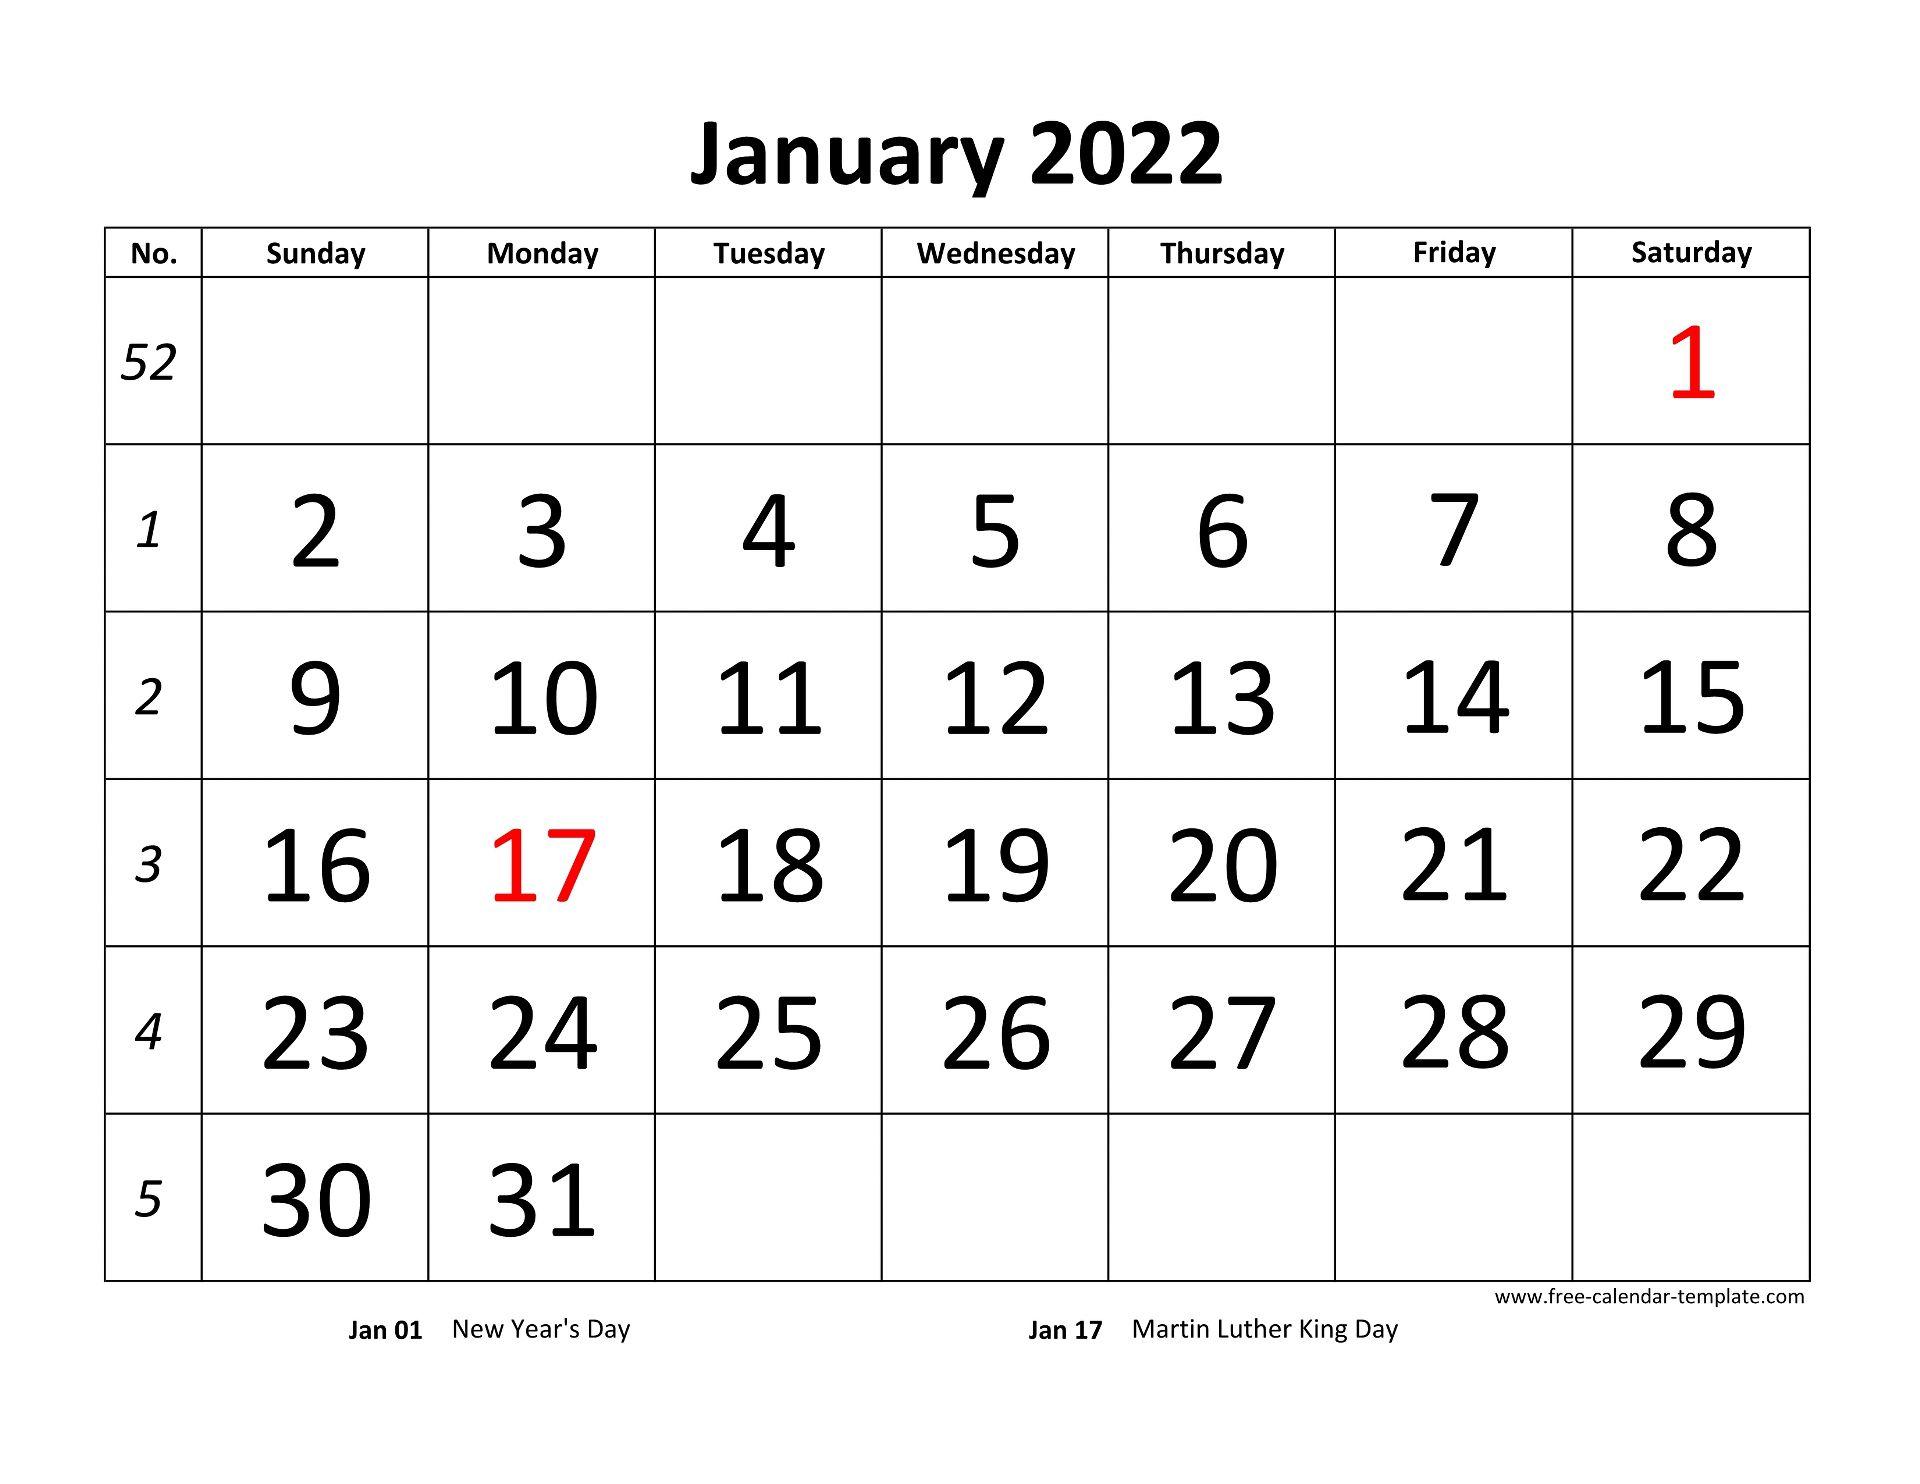 Printable Monthly Calendar 2022 | Free-calendar-template.com